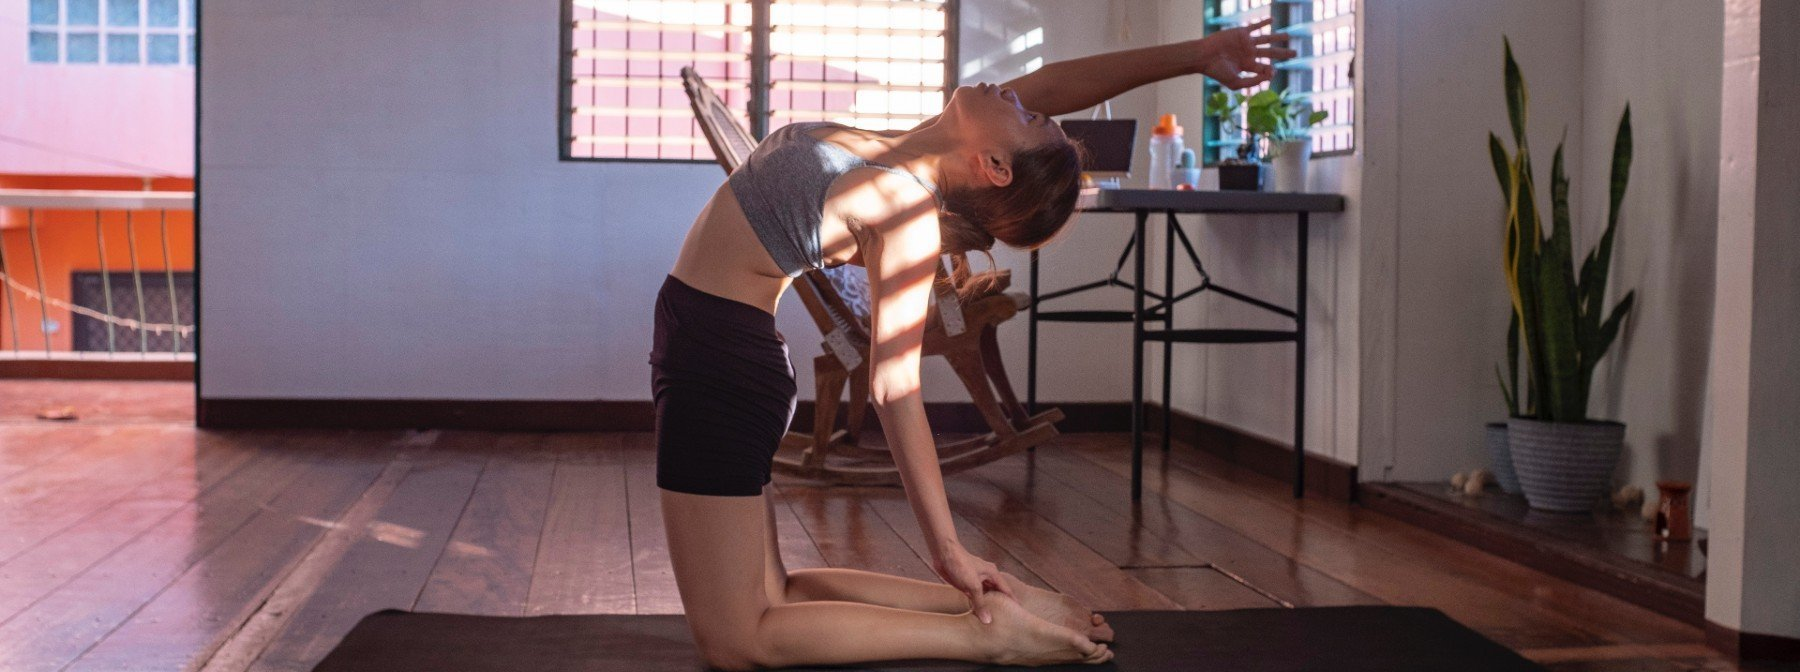 5 stimmungsaufhellende Workouts & Übungen, für die du nicht viel Platz brauchst